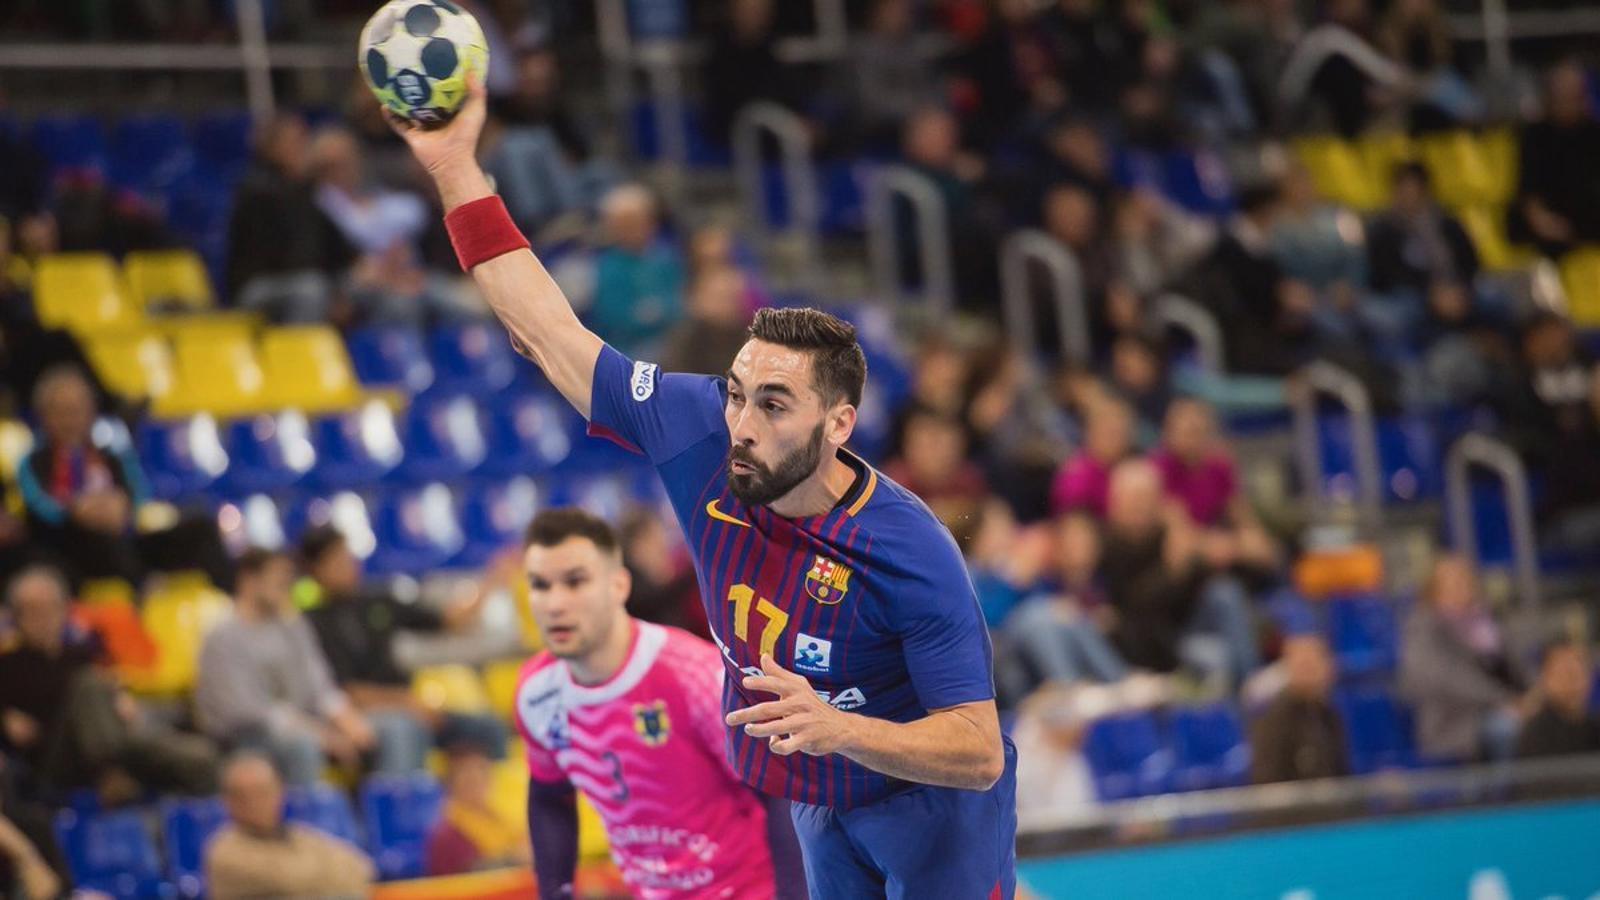 El Barça Lassa haurà d'esperar per celebrar el títol de l'Asobal